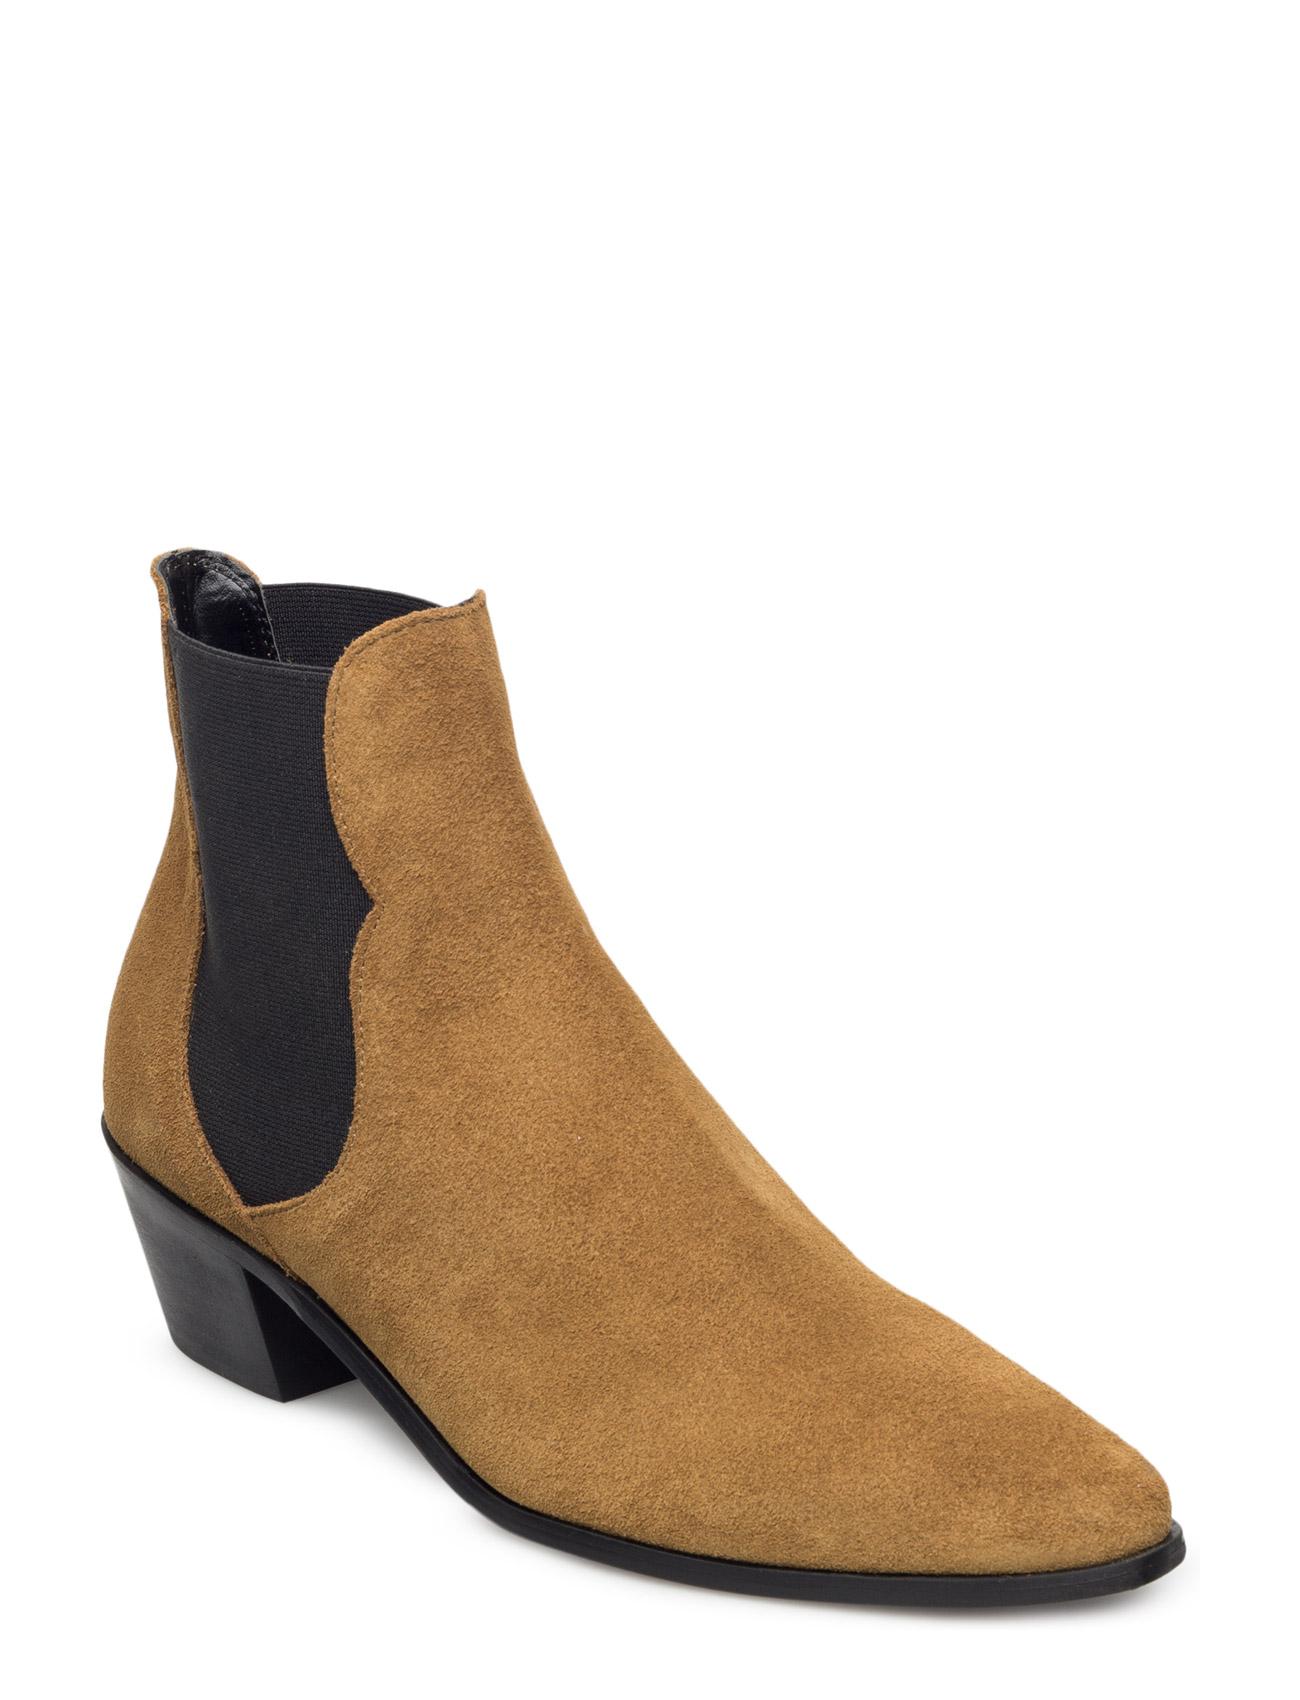 Leather Chelsea Ankle Boots Mango Støvler til Kvinder i Mørkegrøn